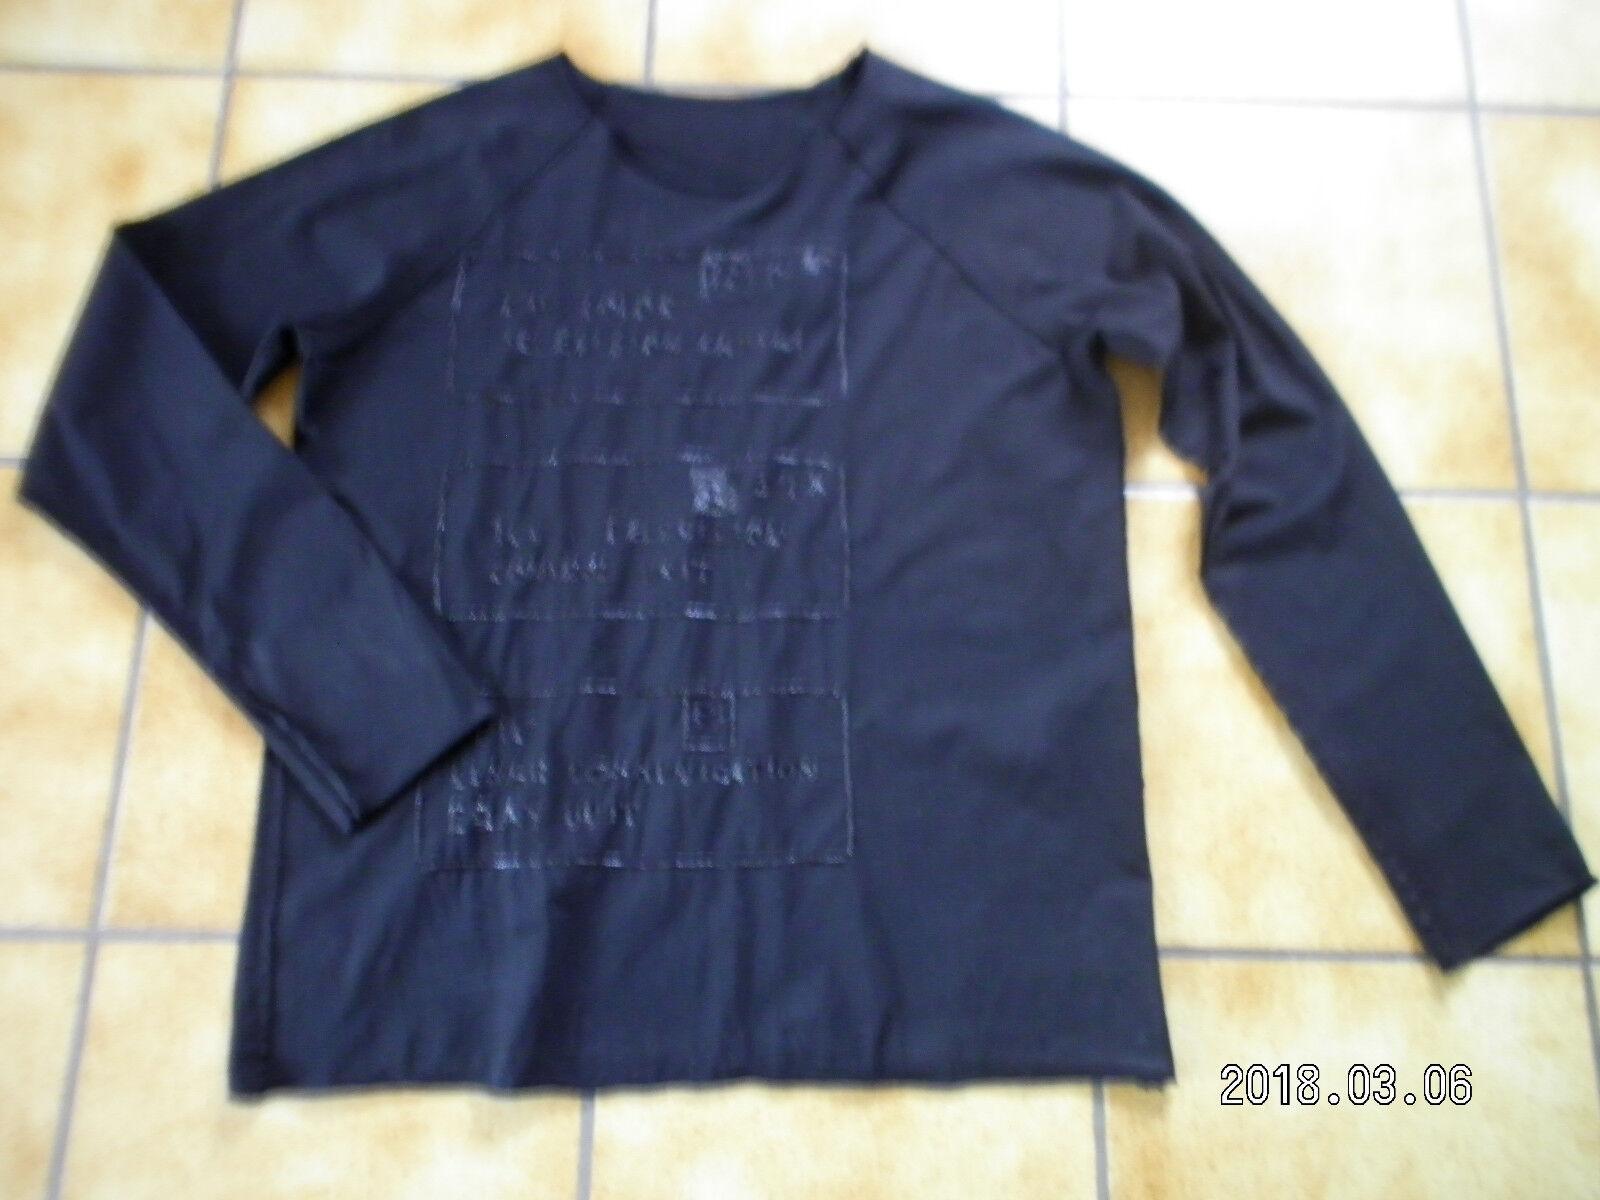 Rundholz DIP,Damen-,Herren Shirt unisex,Gr.L(XL,OS),Print,zwei Stoffe,Lagenlook.